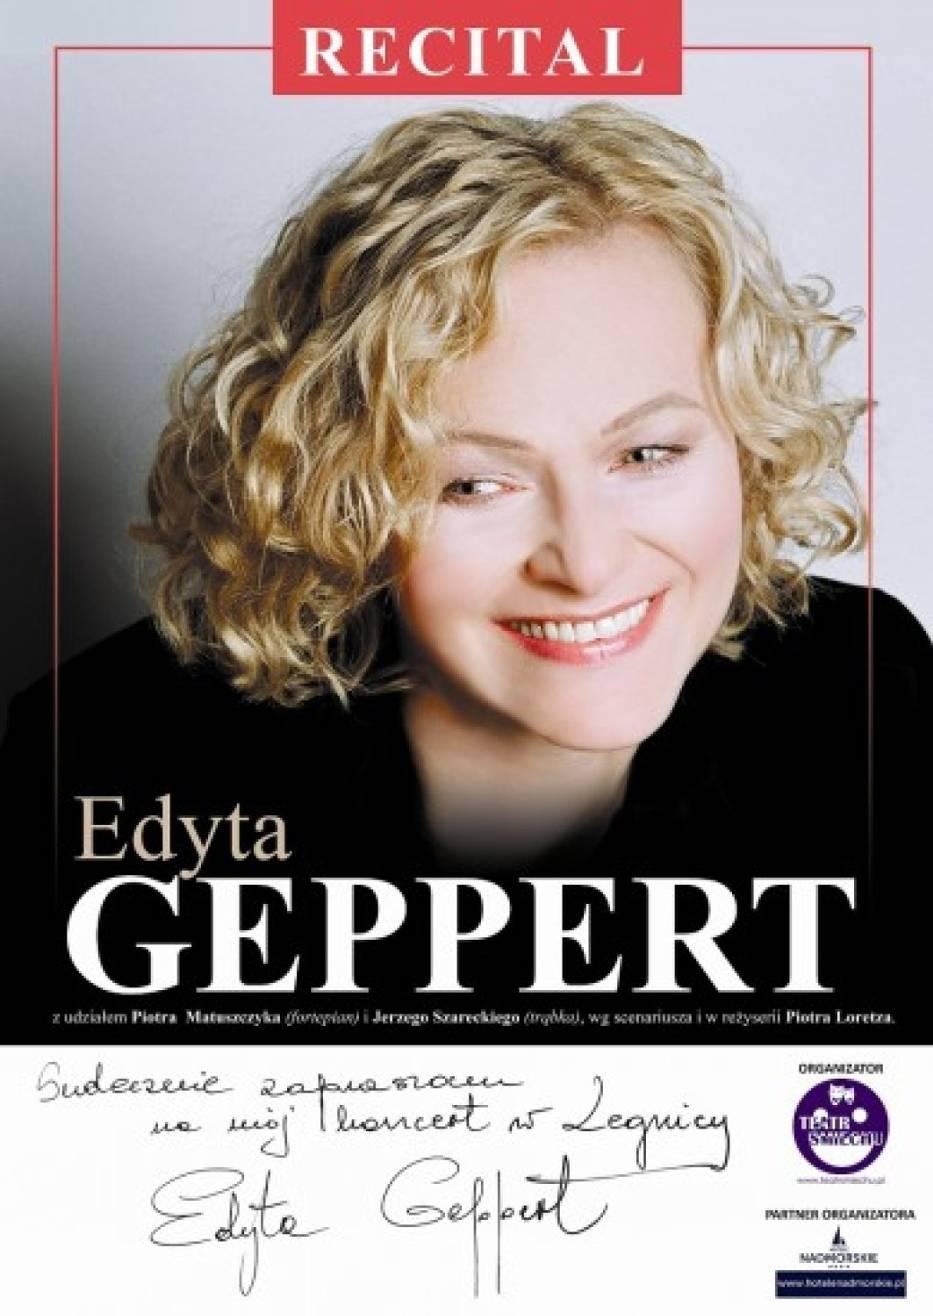 Edyta Geppert  ponownie odwiedzi Legnicę, Koncert już we wrześniu